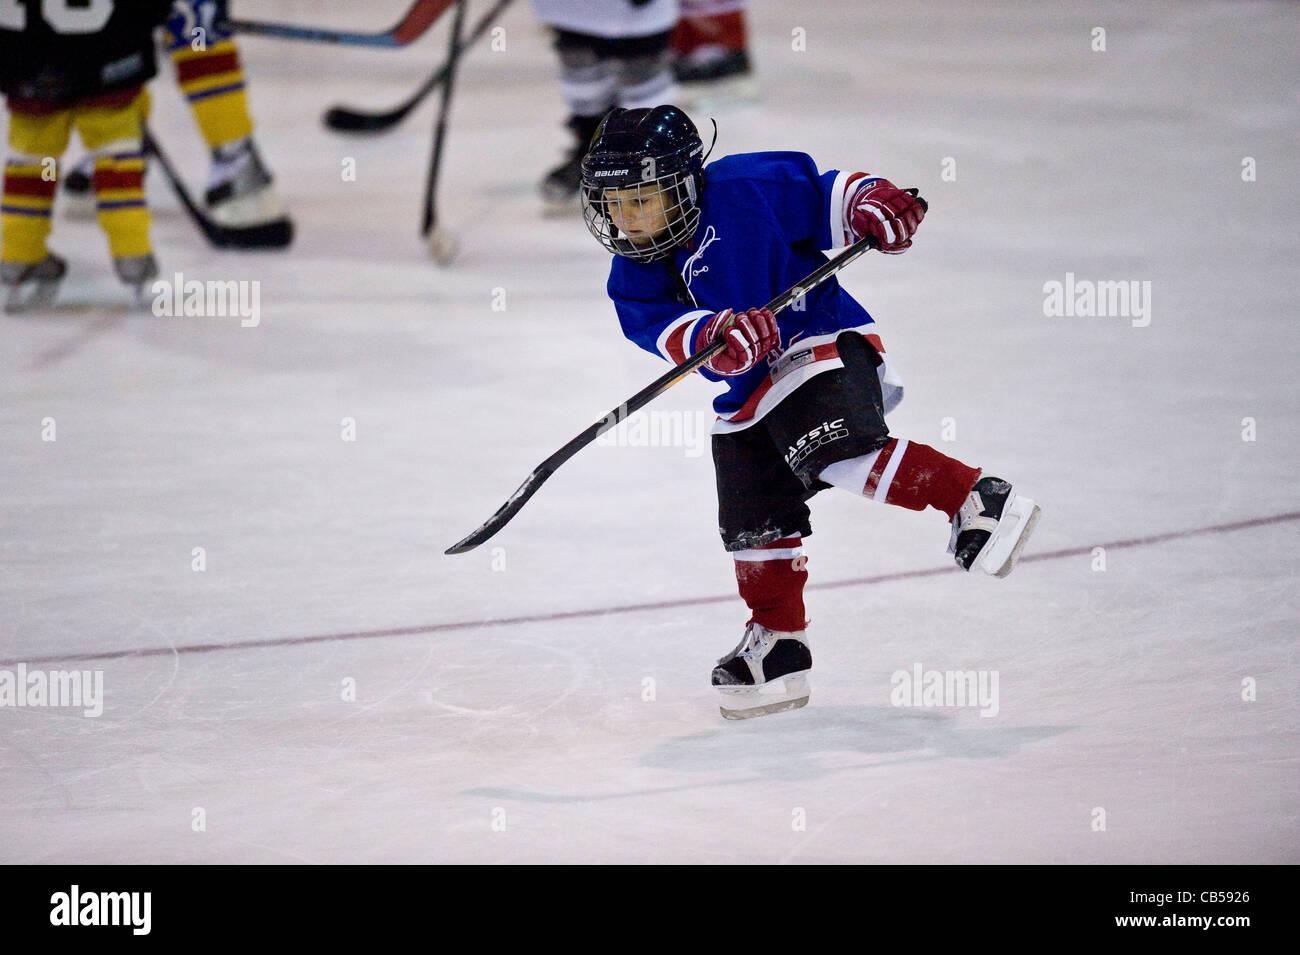 Les enfants de la formation de hockey sur glace Photo Stock